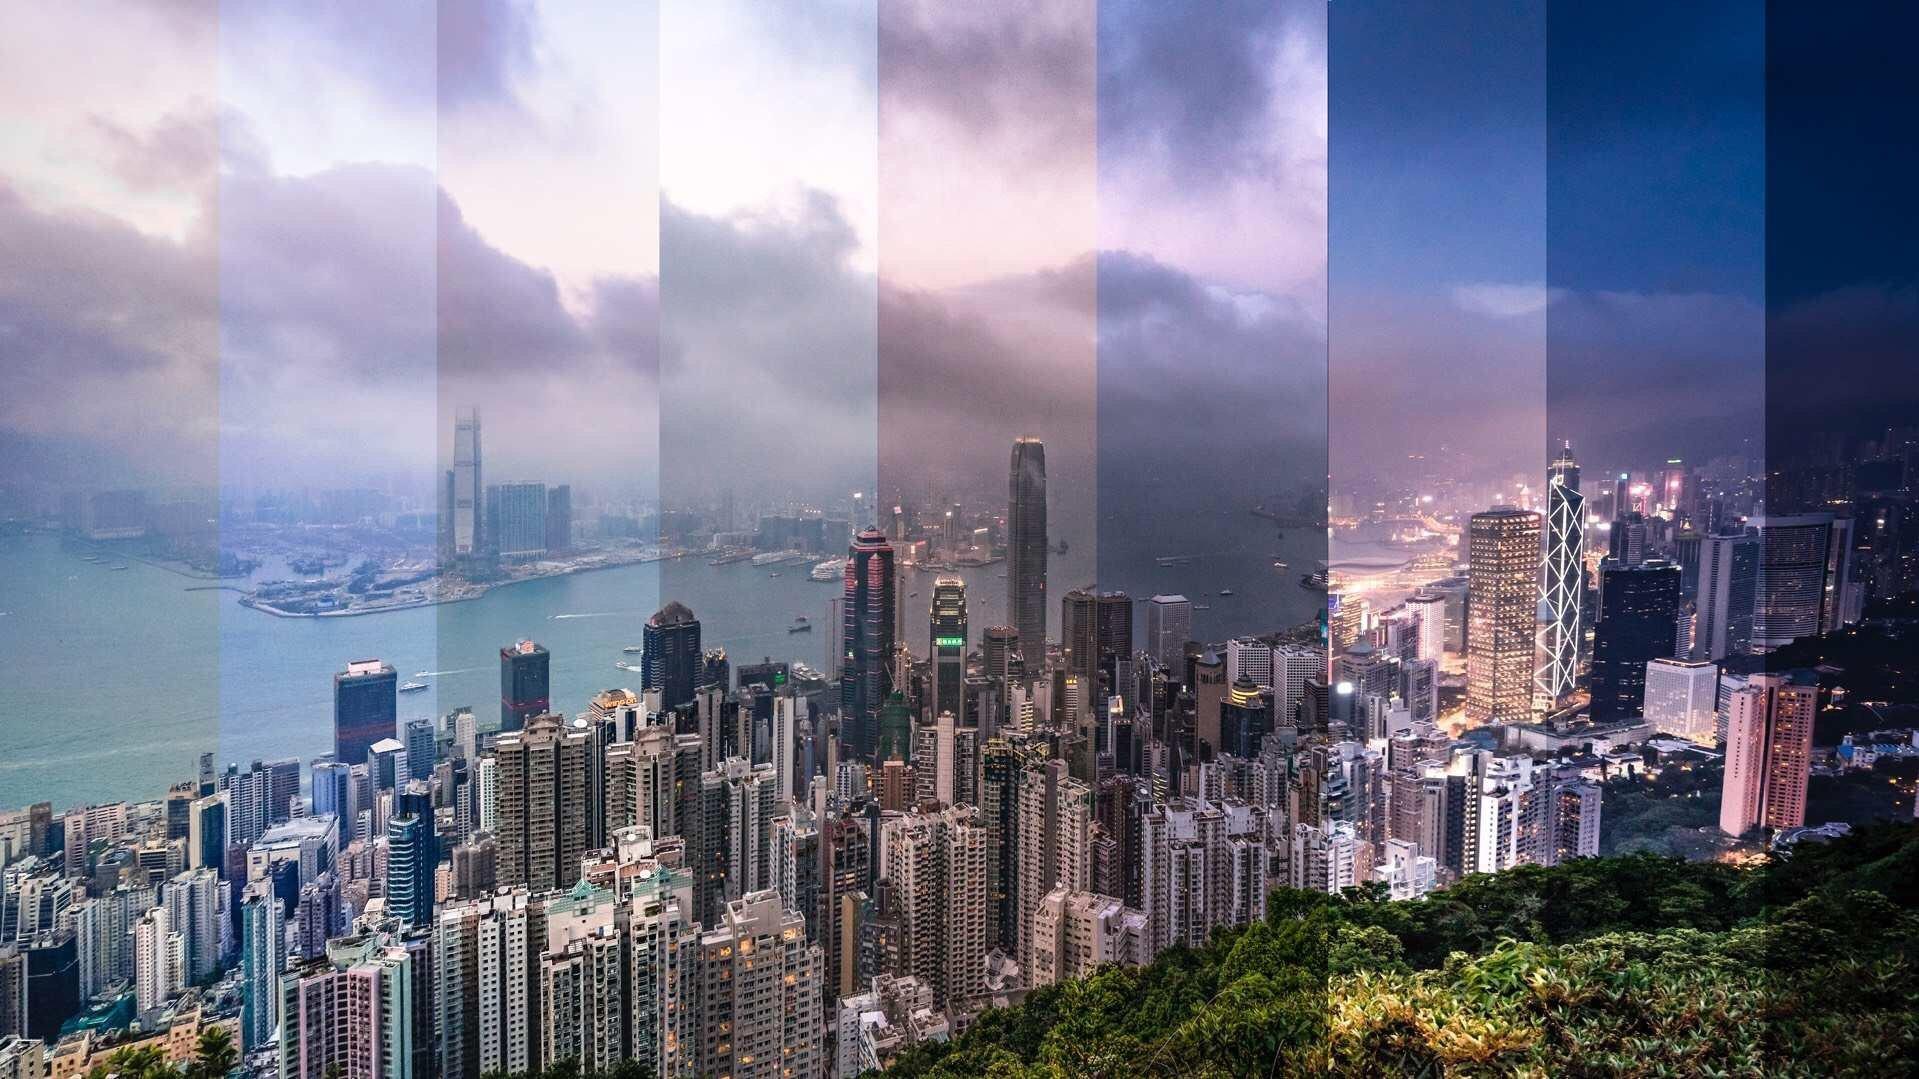 盘点香港别致的校园景色,给你不一样的香港印象!